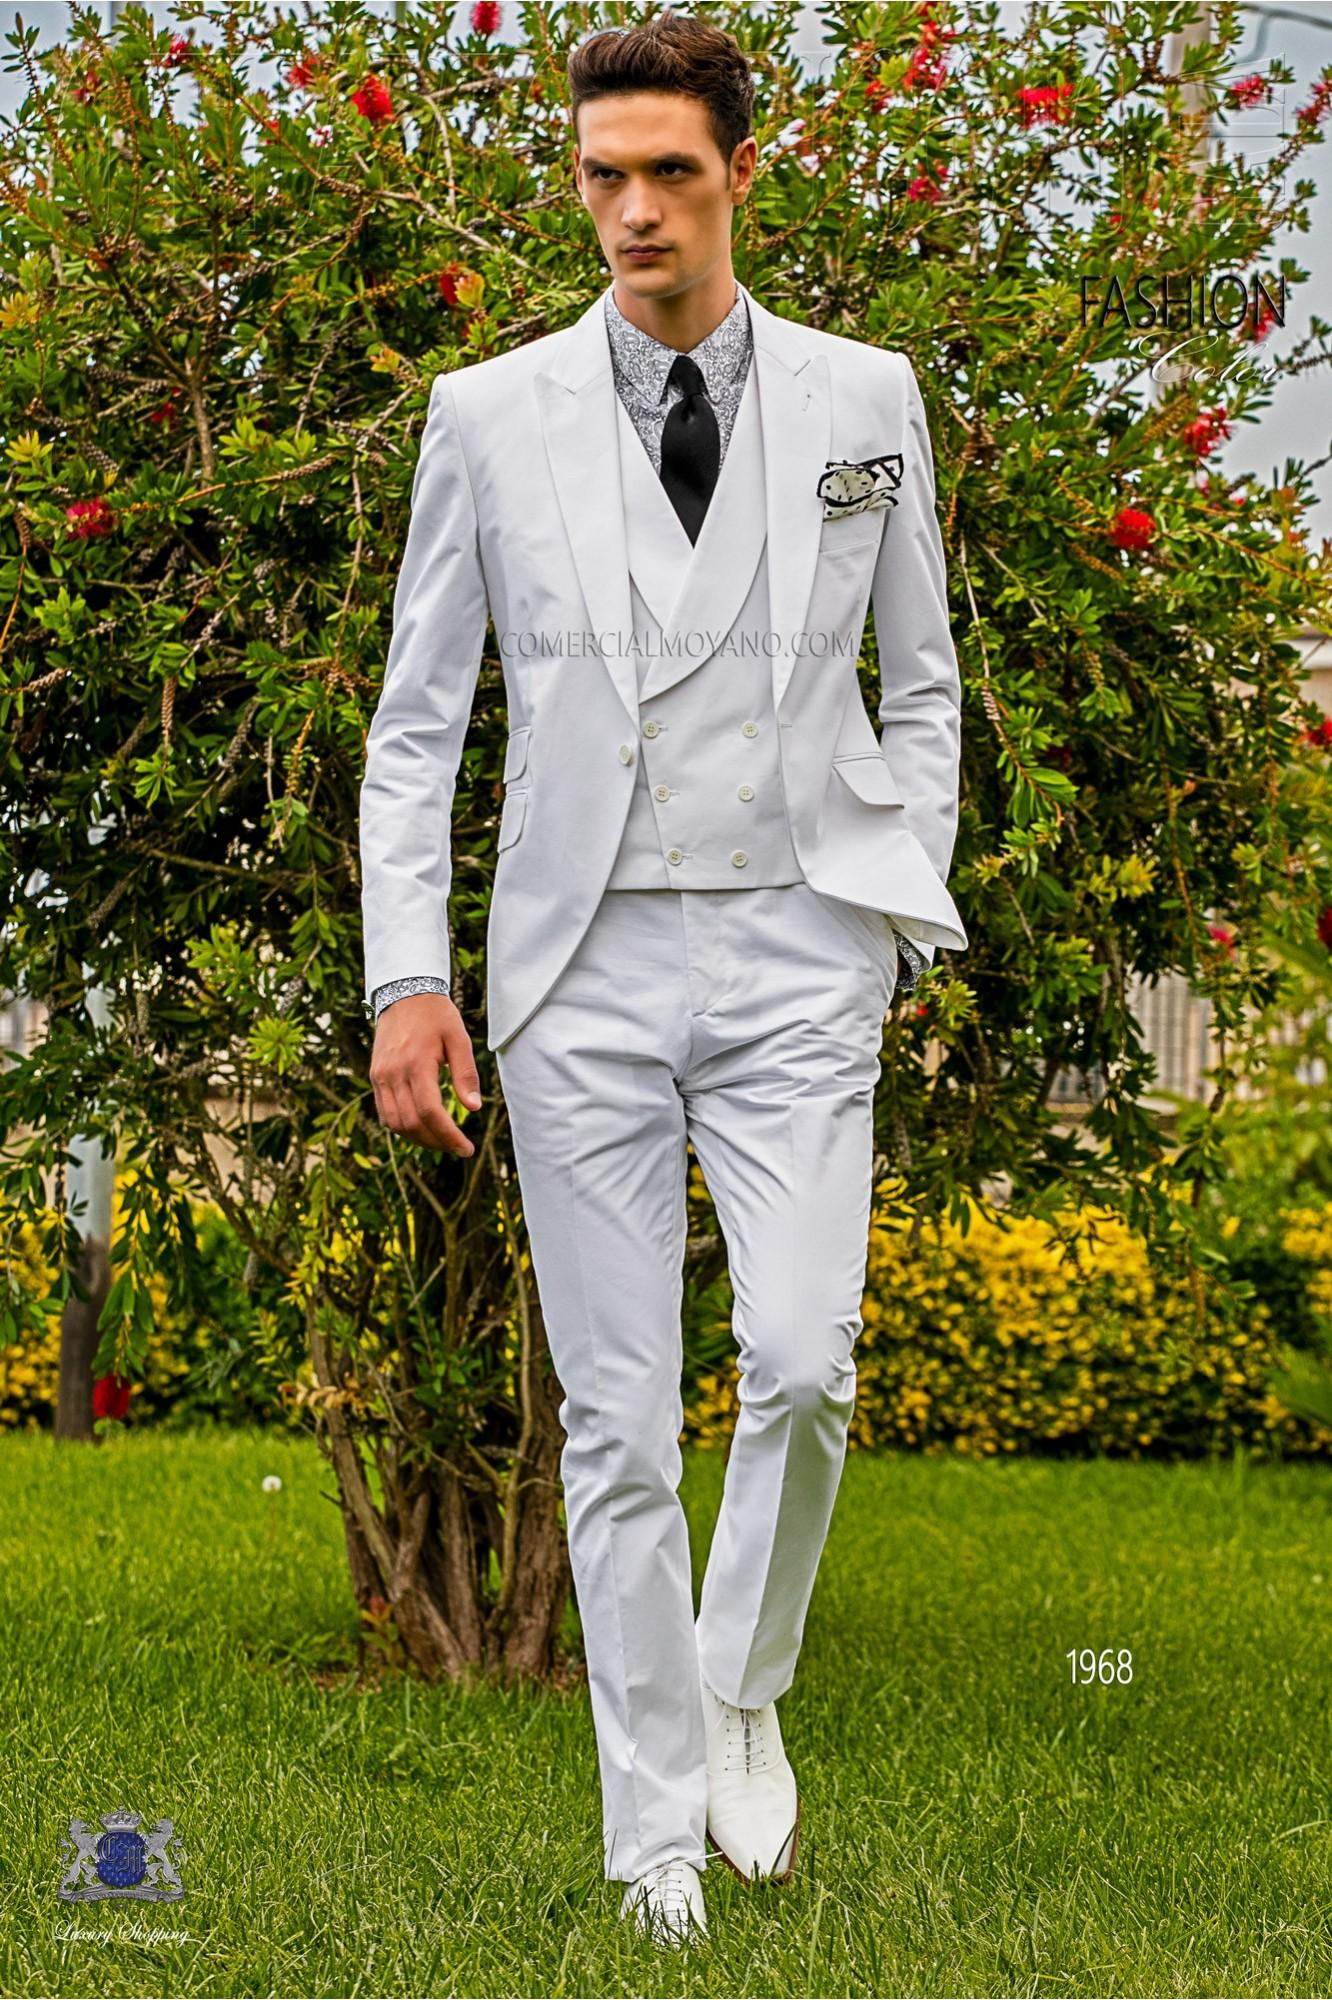 Traje de novio italiano a medida blanco de algodón modelo: 1968 Ottavio Nuccio Gala colección Hipster 2017